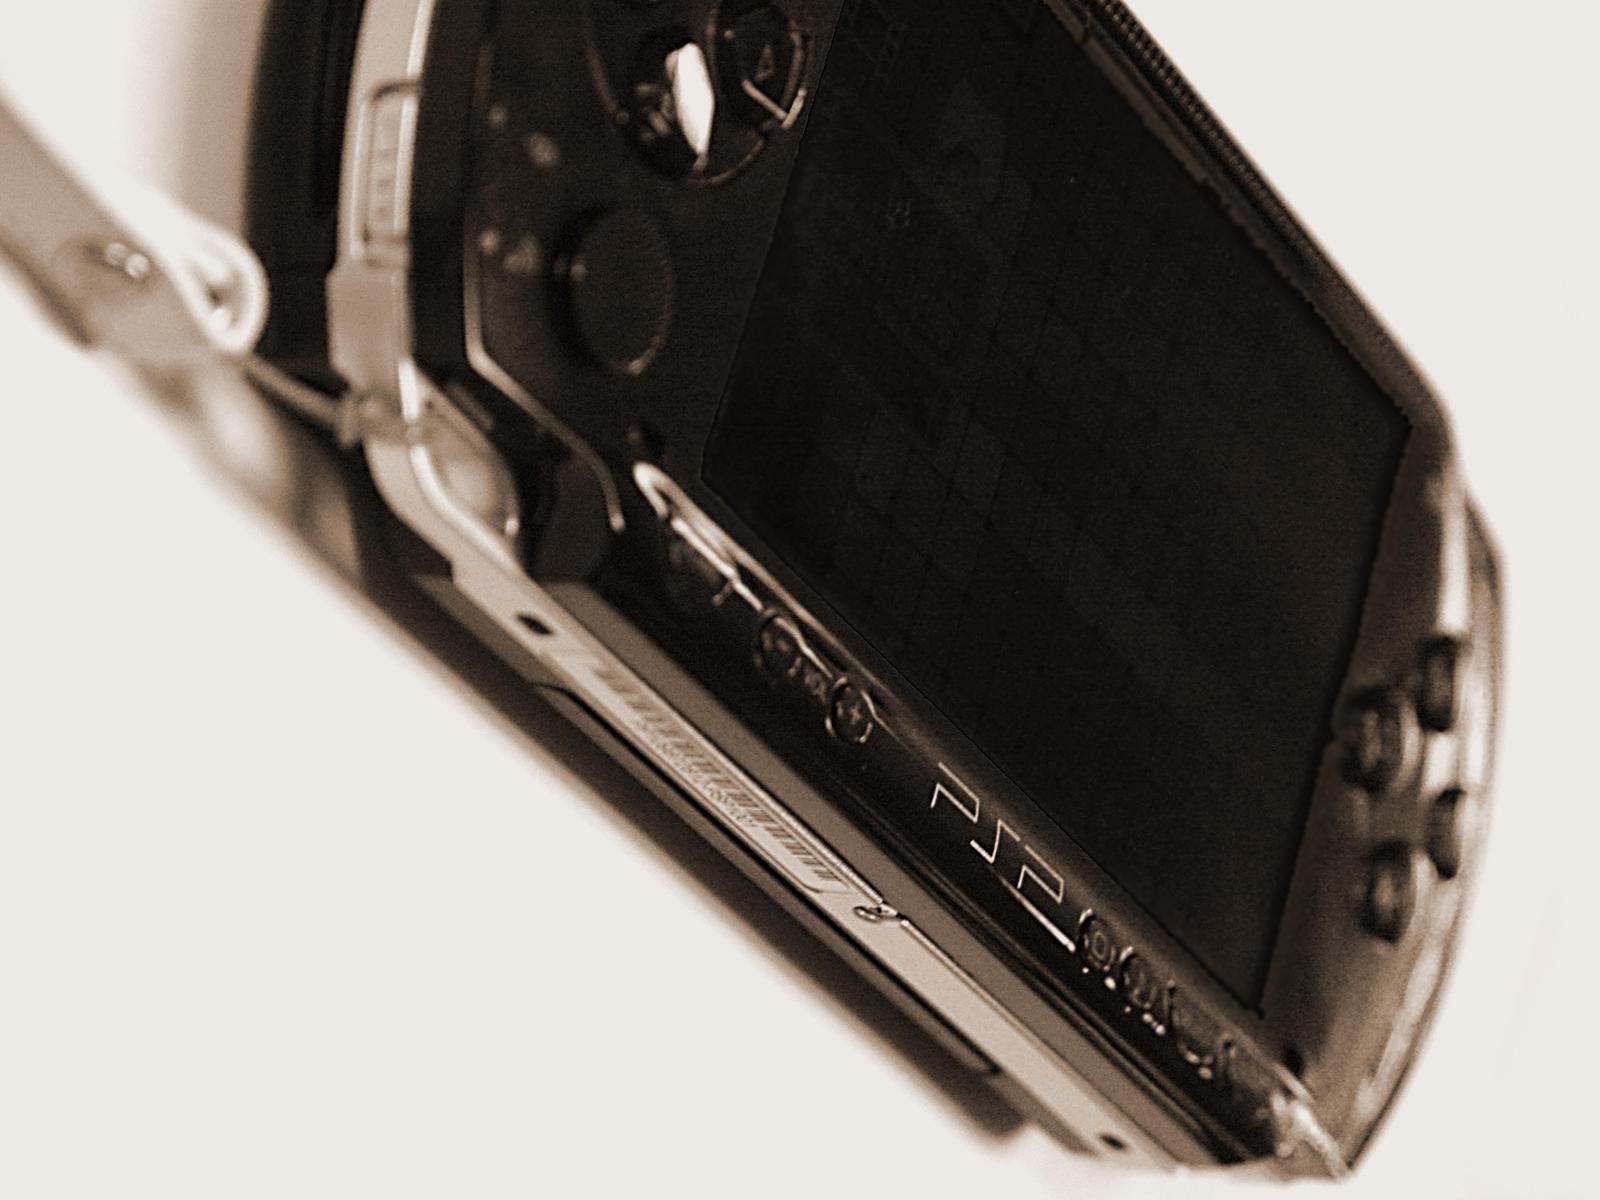 PSP. by beccapark